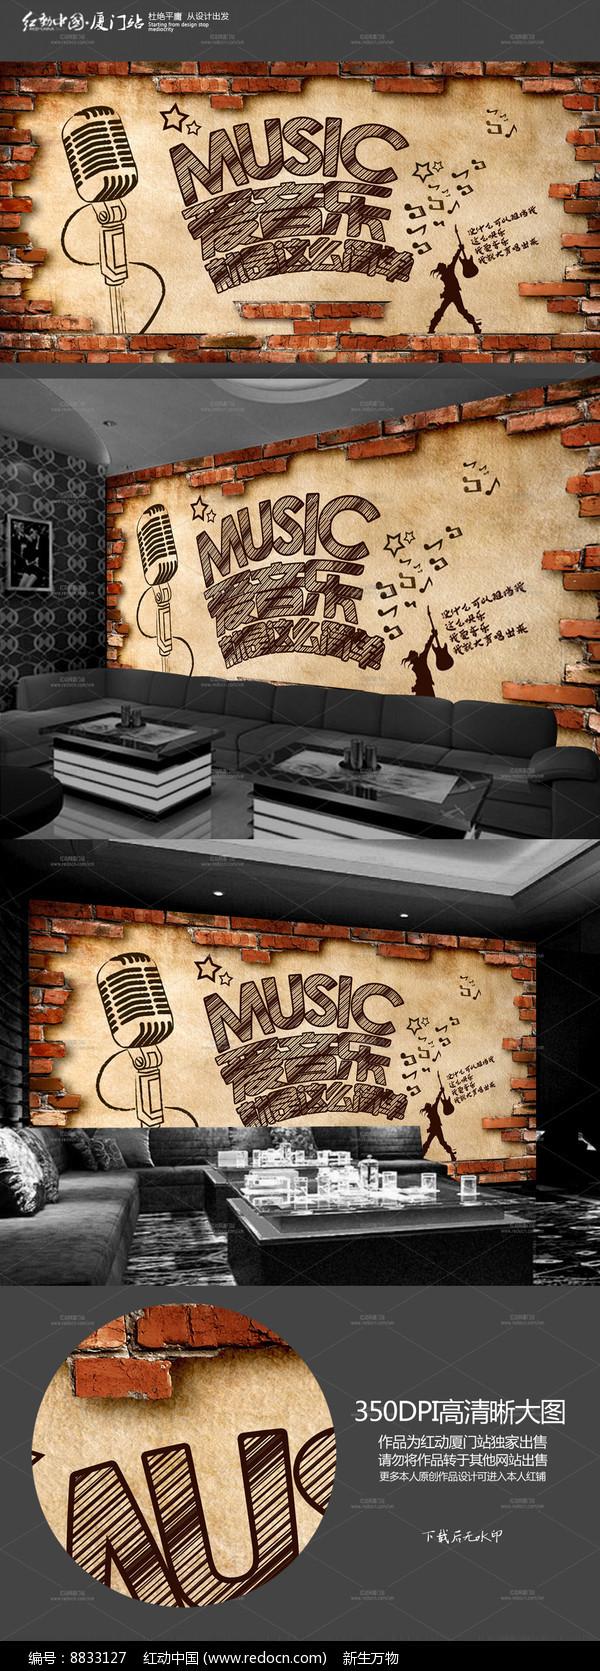 怀旧KTV会所背景墙墙画展板图片